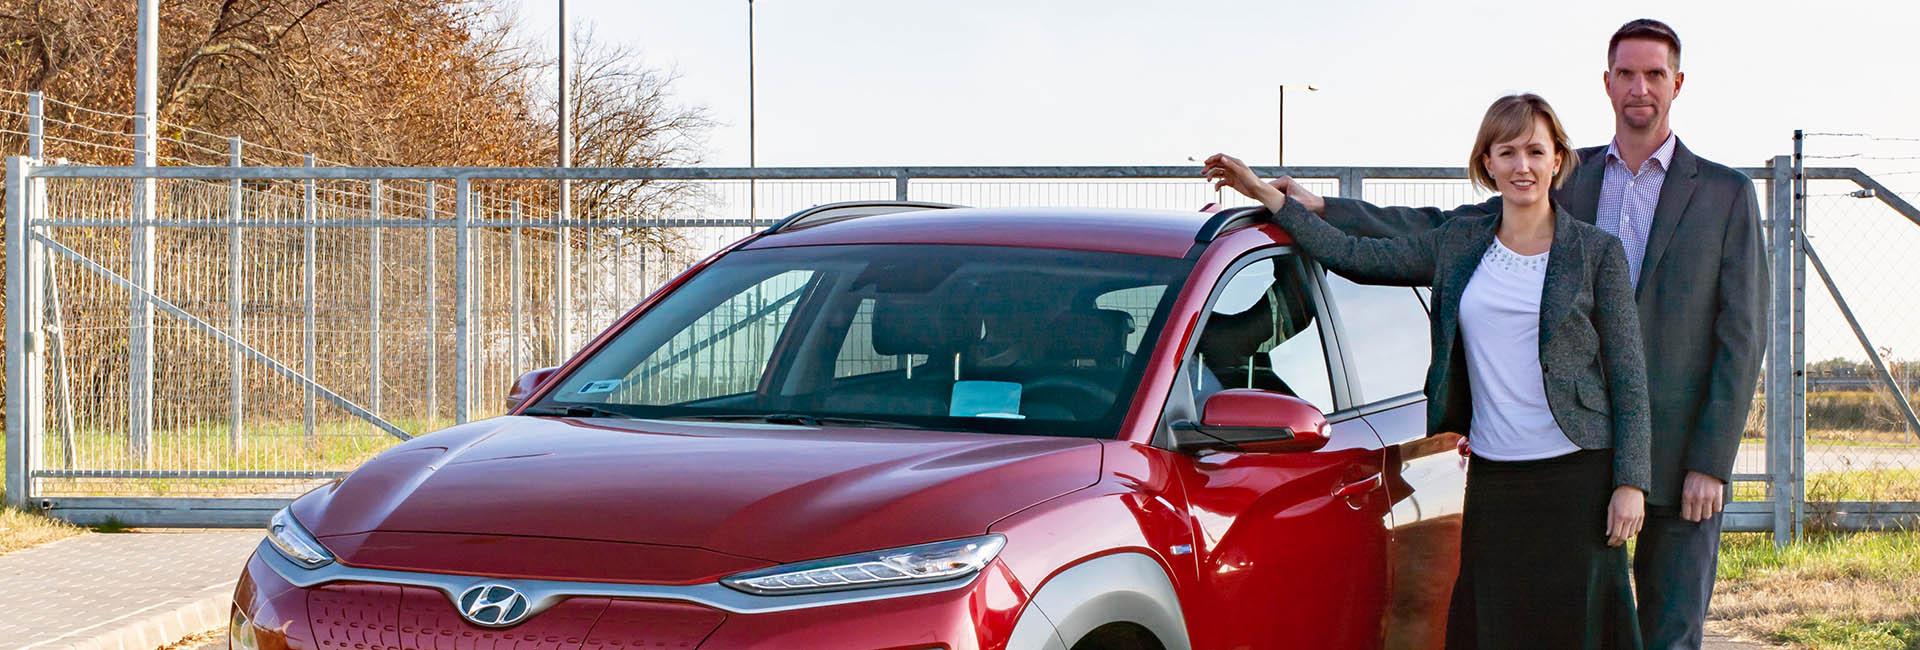 Hamarosan lejár az elektromos autó pályázat! Még nem késő belevágni!